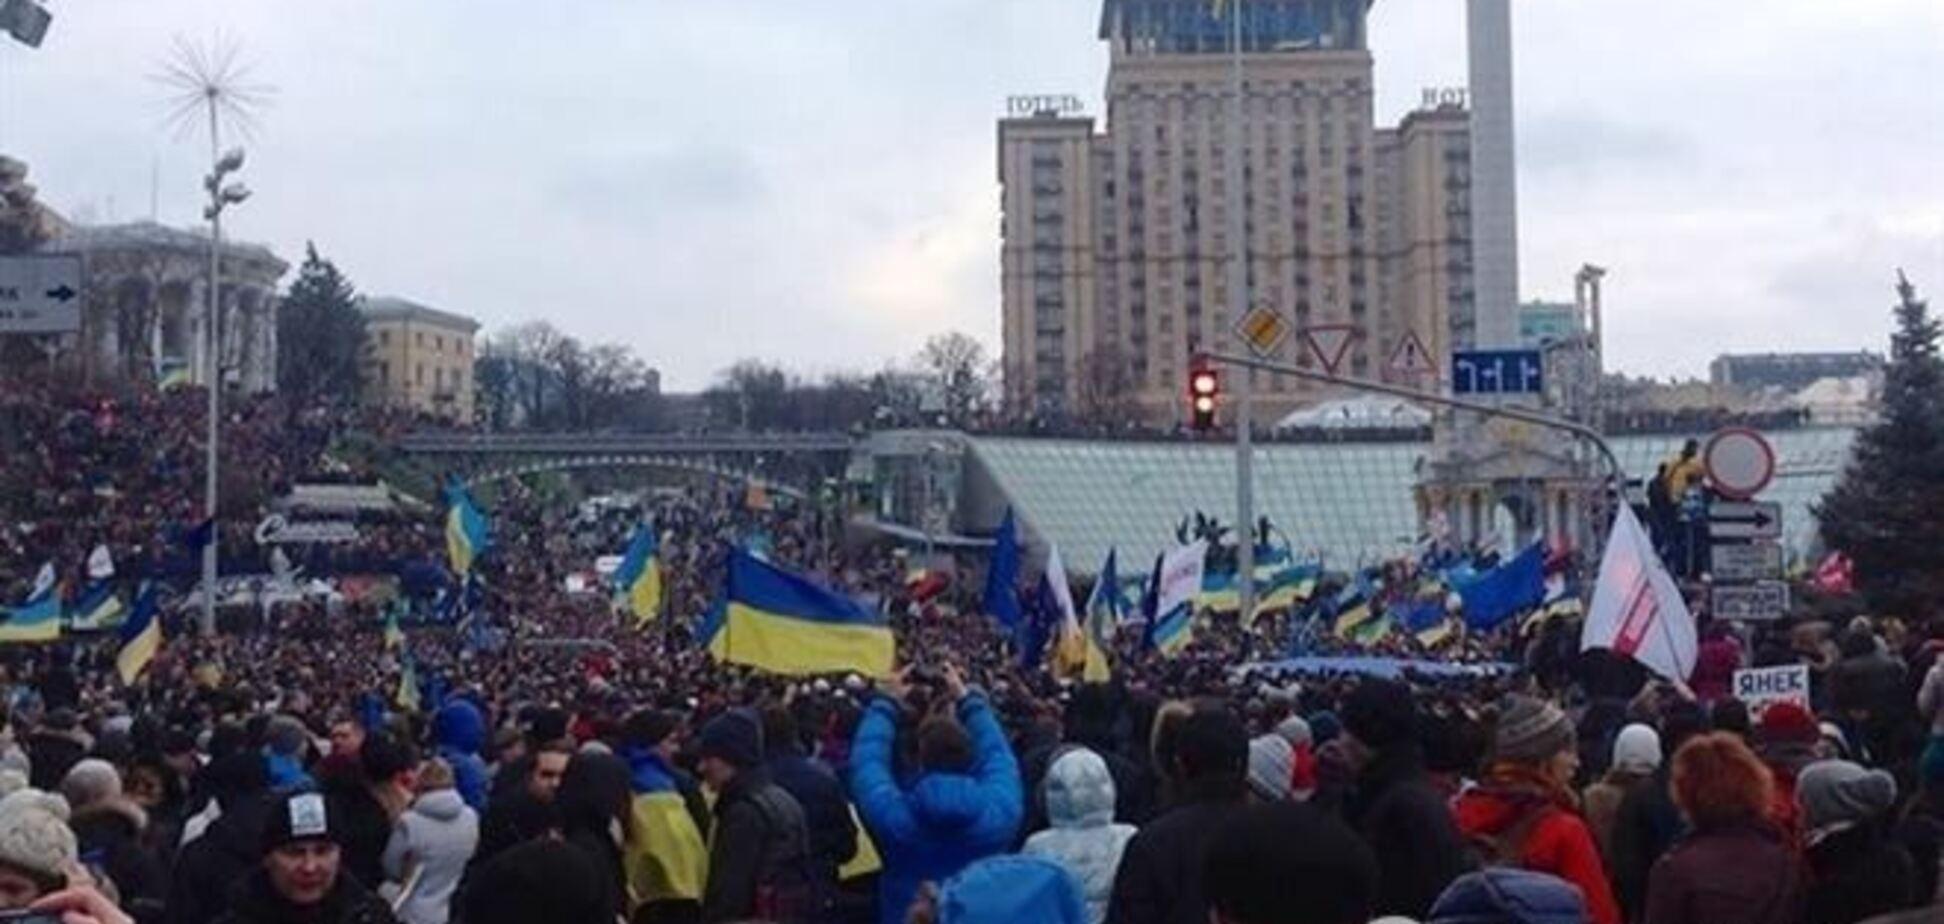 Оппозиция просит у киевлян пополнения счета и теплые вещи для евромайдановцев